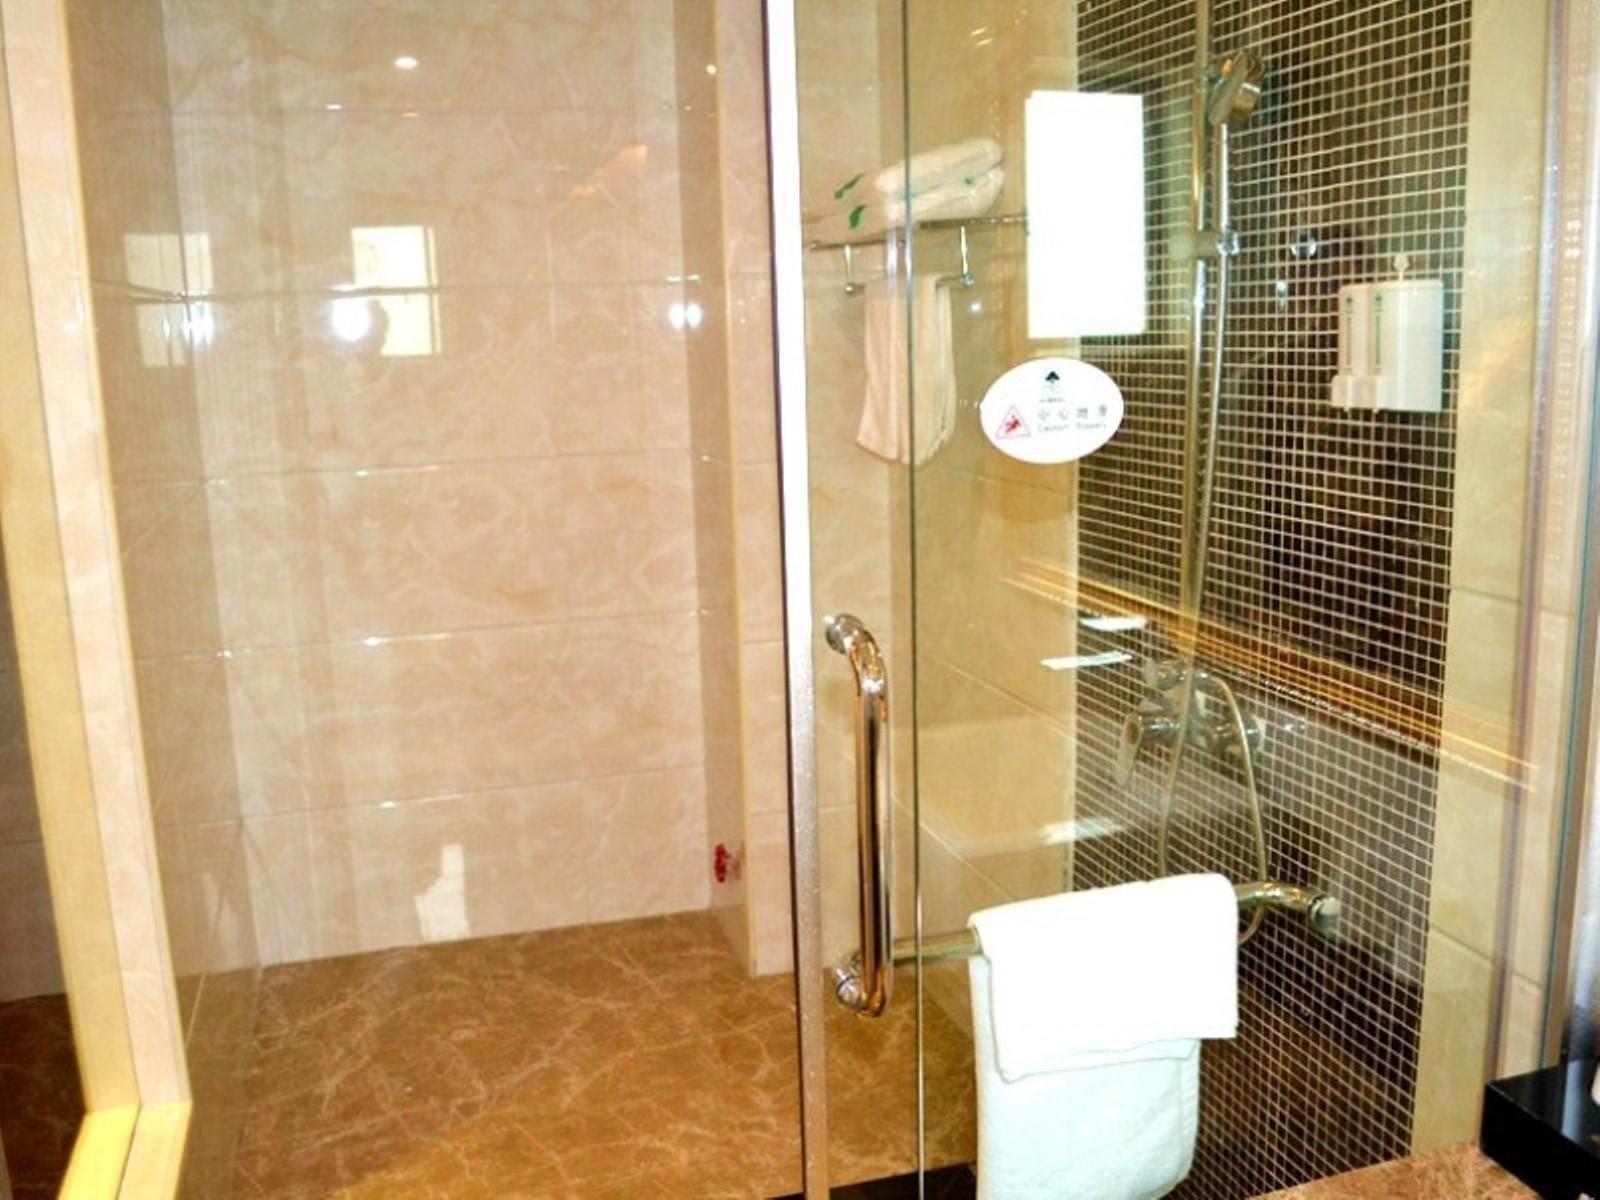 GreenTree Inn Guangdong Foshan Lecong International Convention Center Business Hotel Reviews